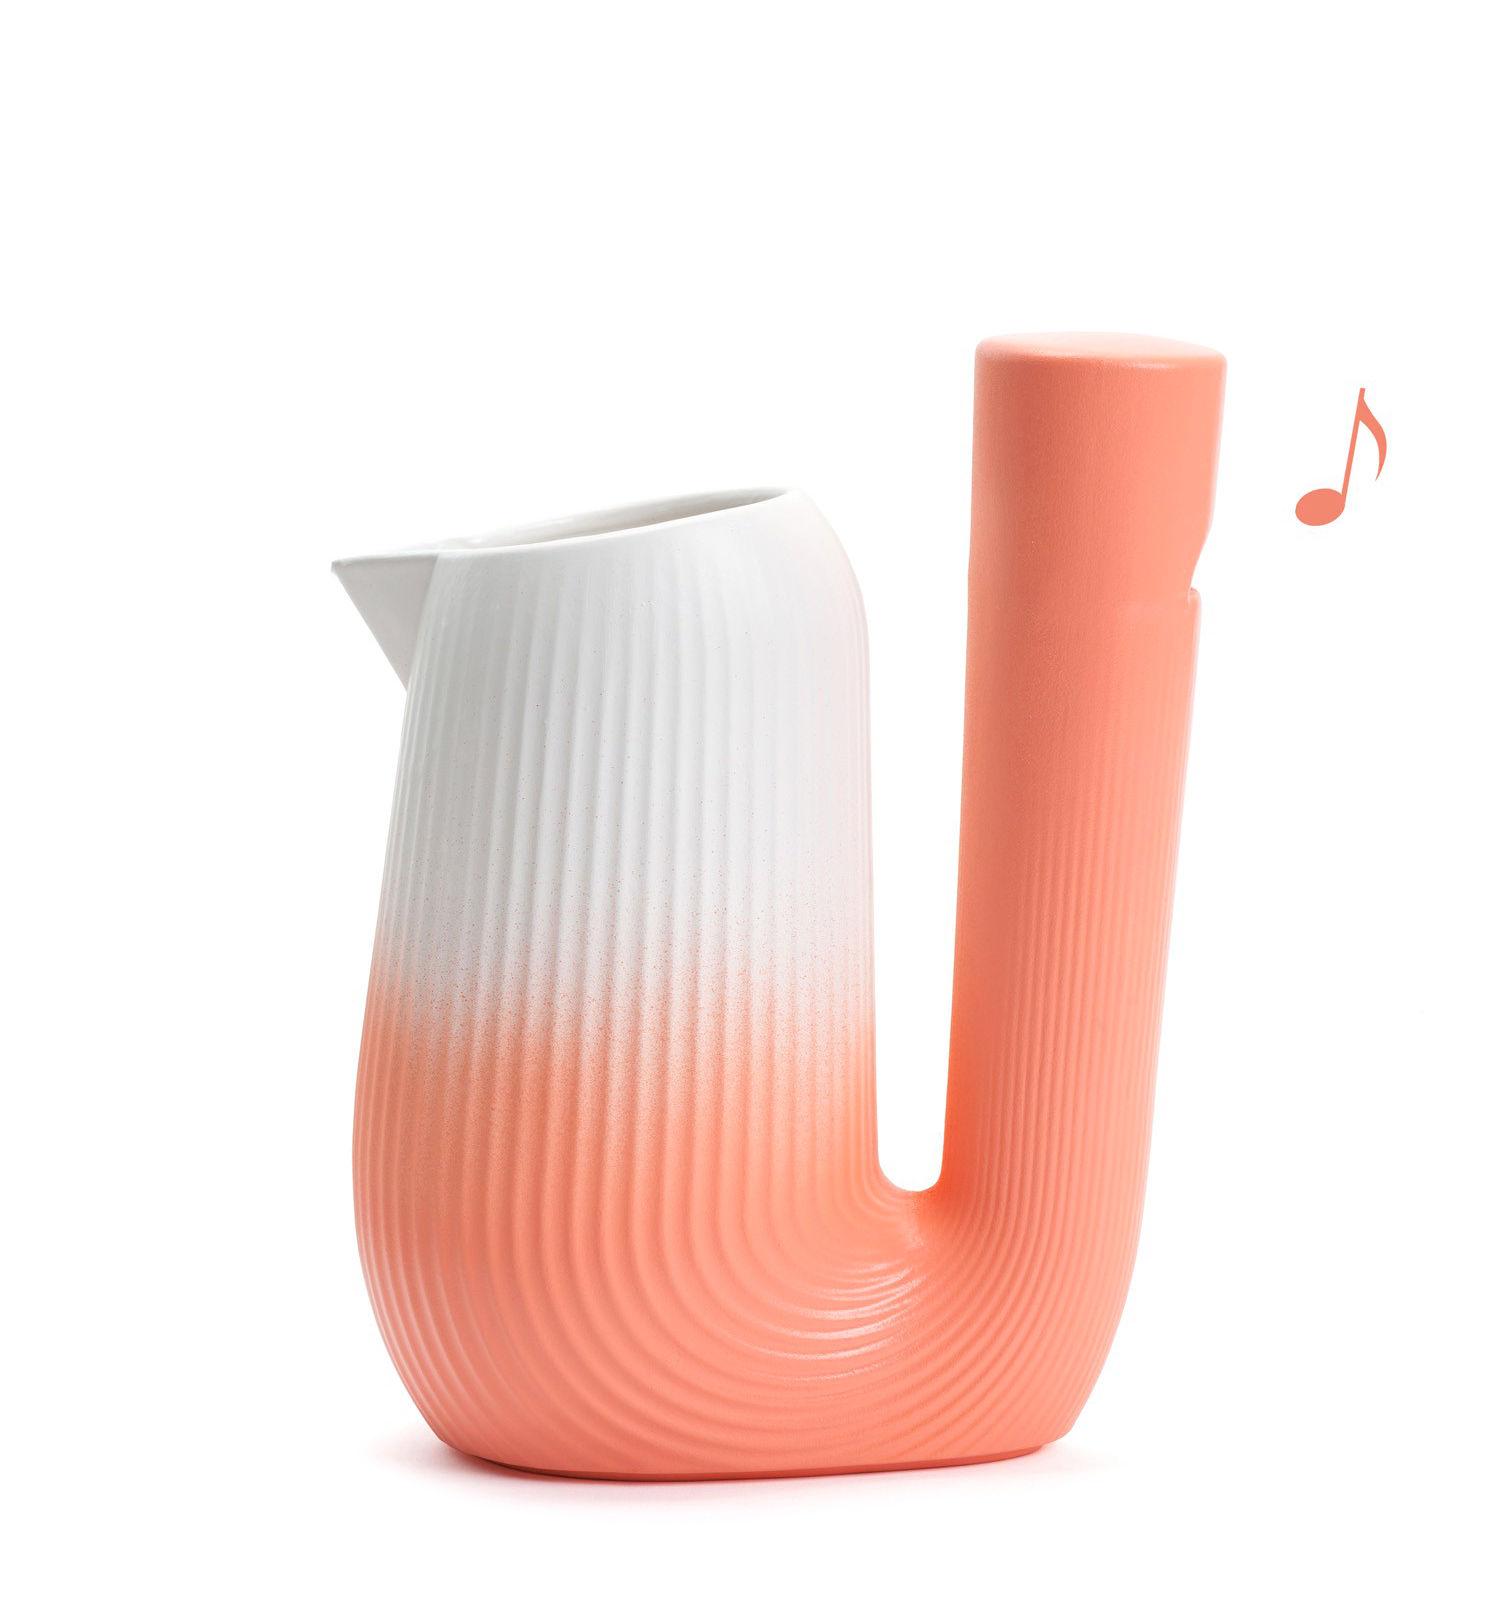 Arts de la table - Carafes et décanteurs - Carafe Pan / Sifflante - 1L - Moustache - Corail - Céramique émaillée